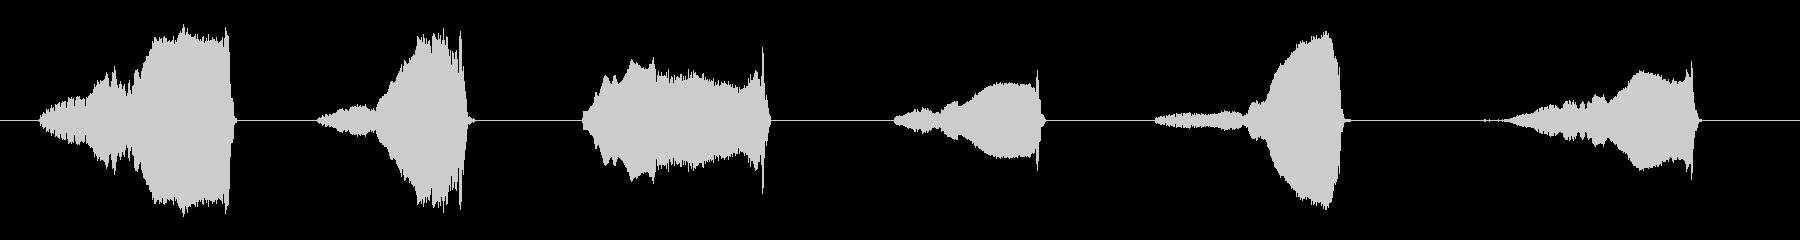 ラージオックスムーイングの未再生の波形